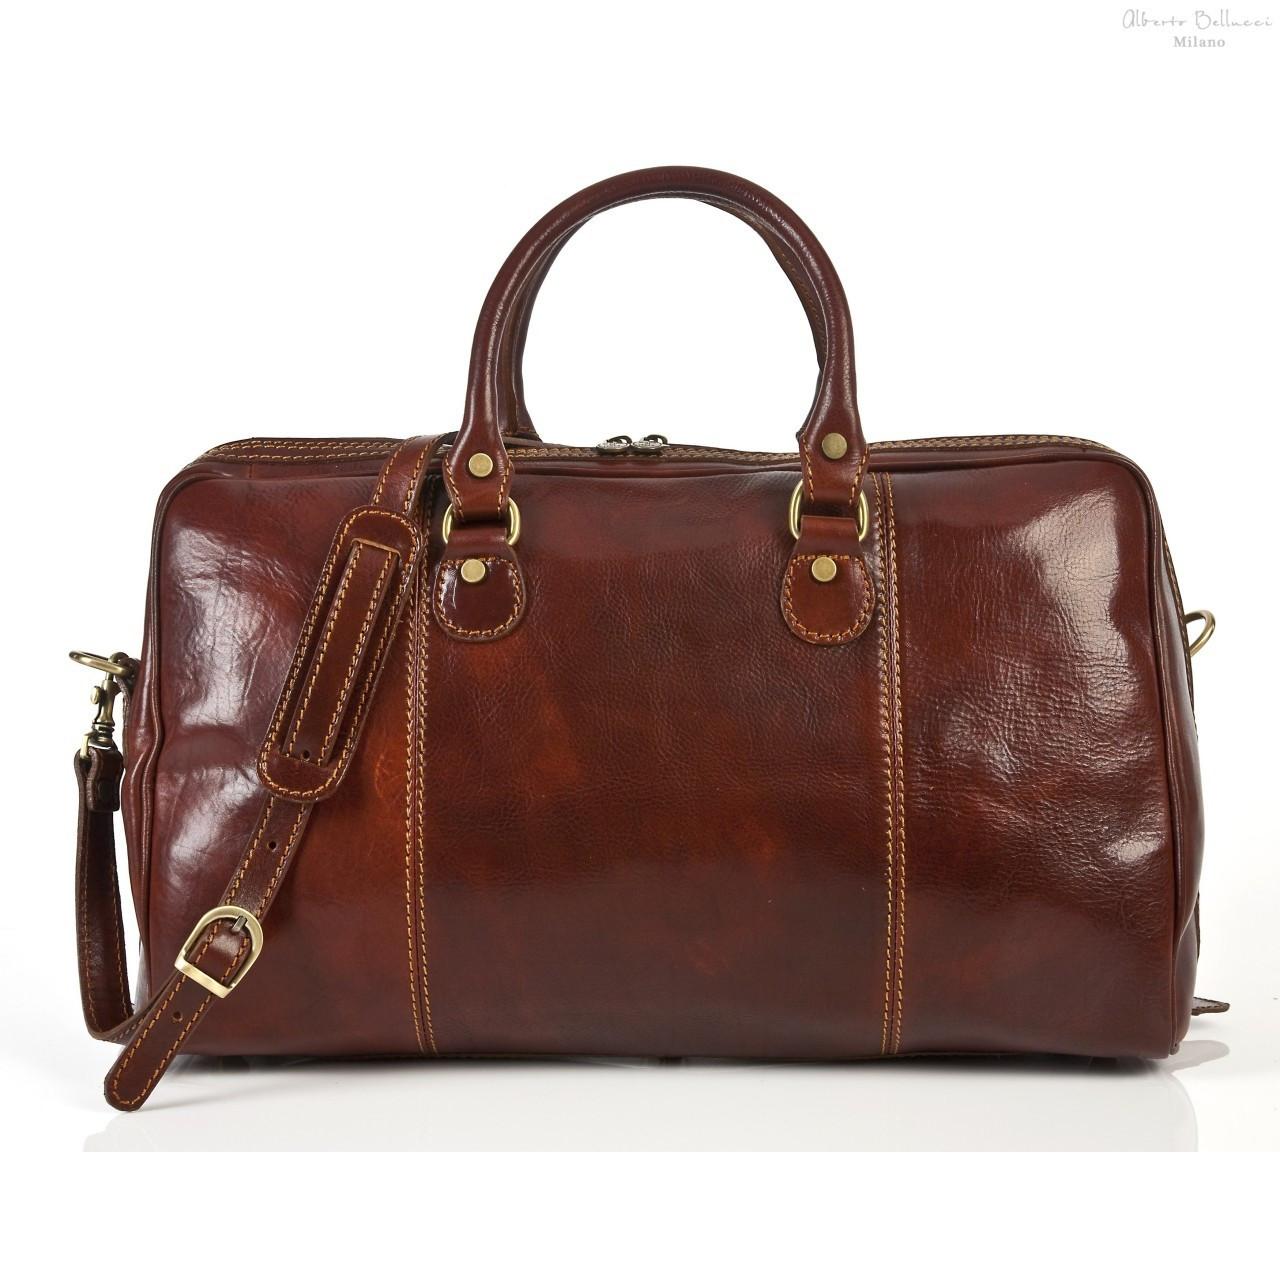 7daef2c2d25c Perugia Italian Leather Duffel Bag